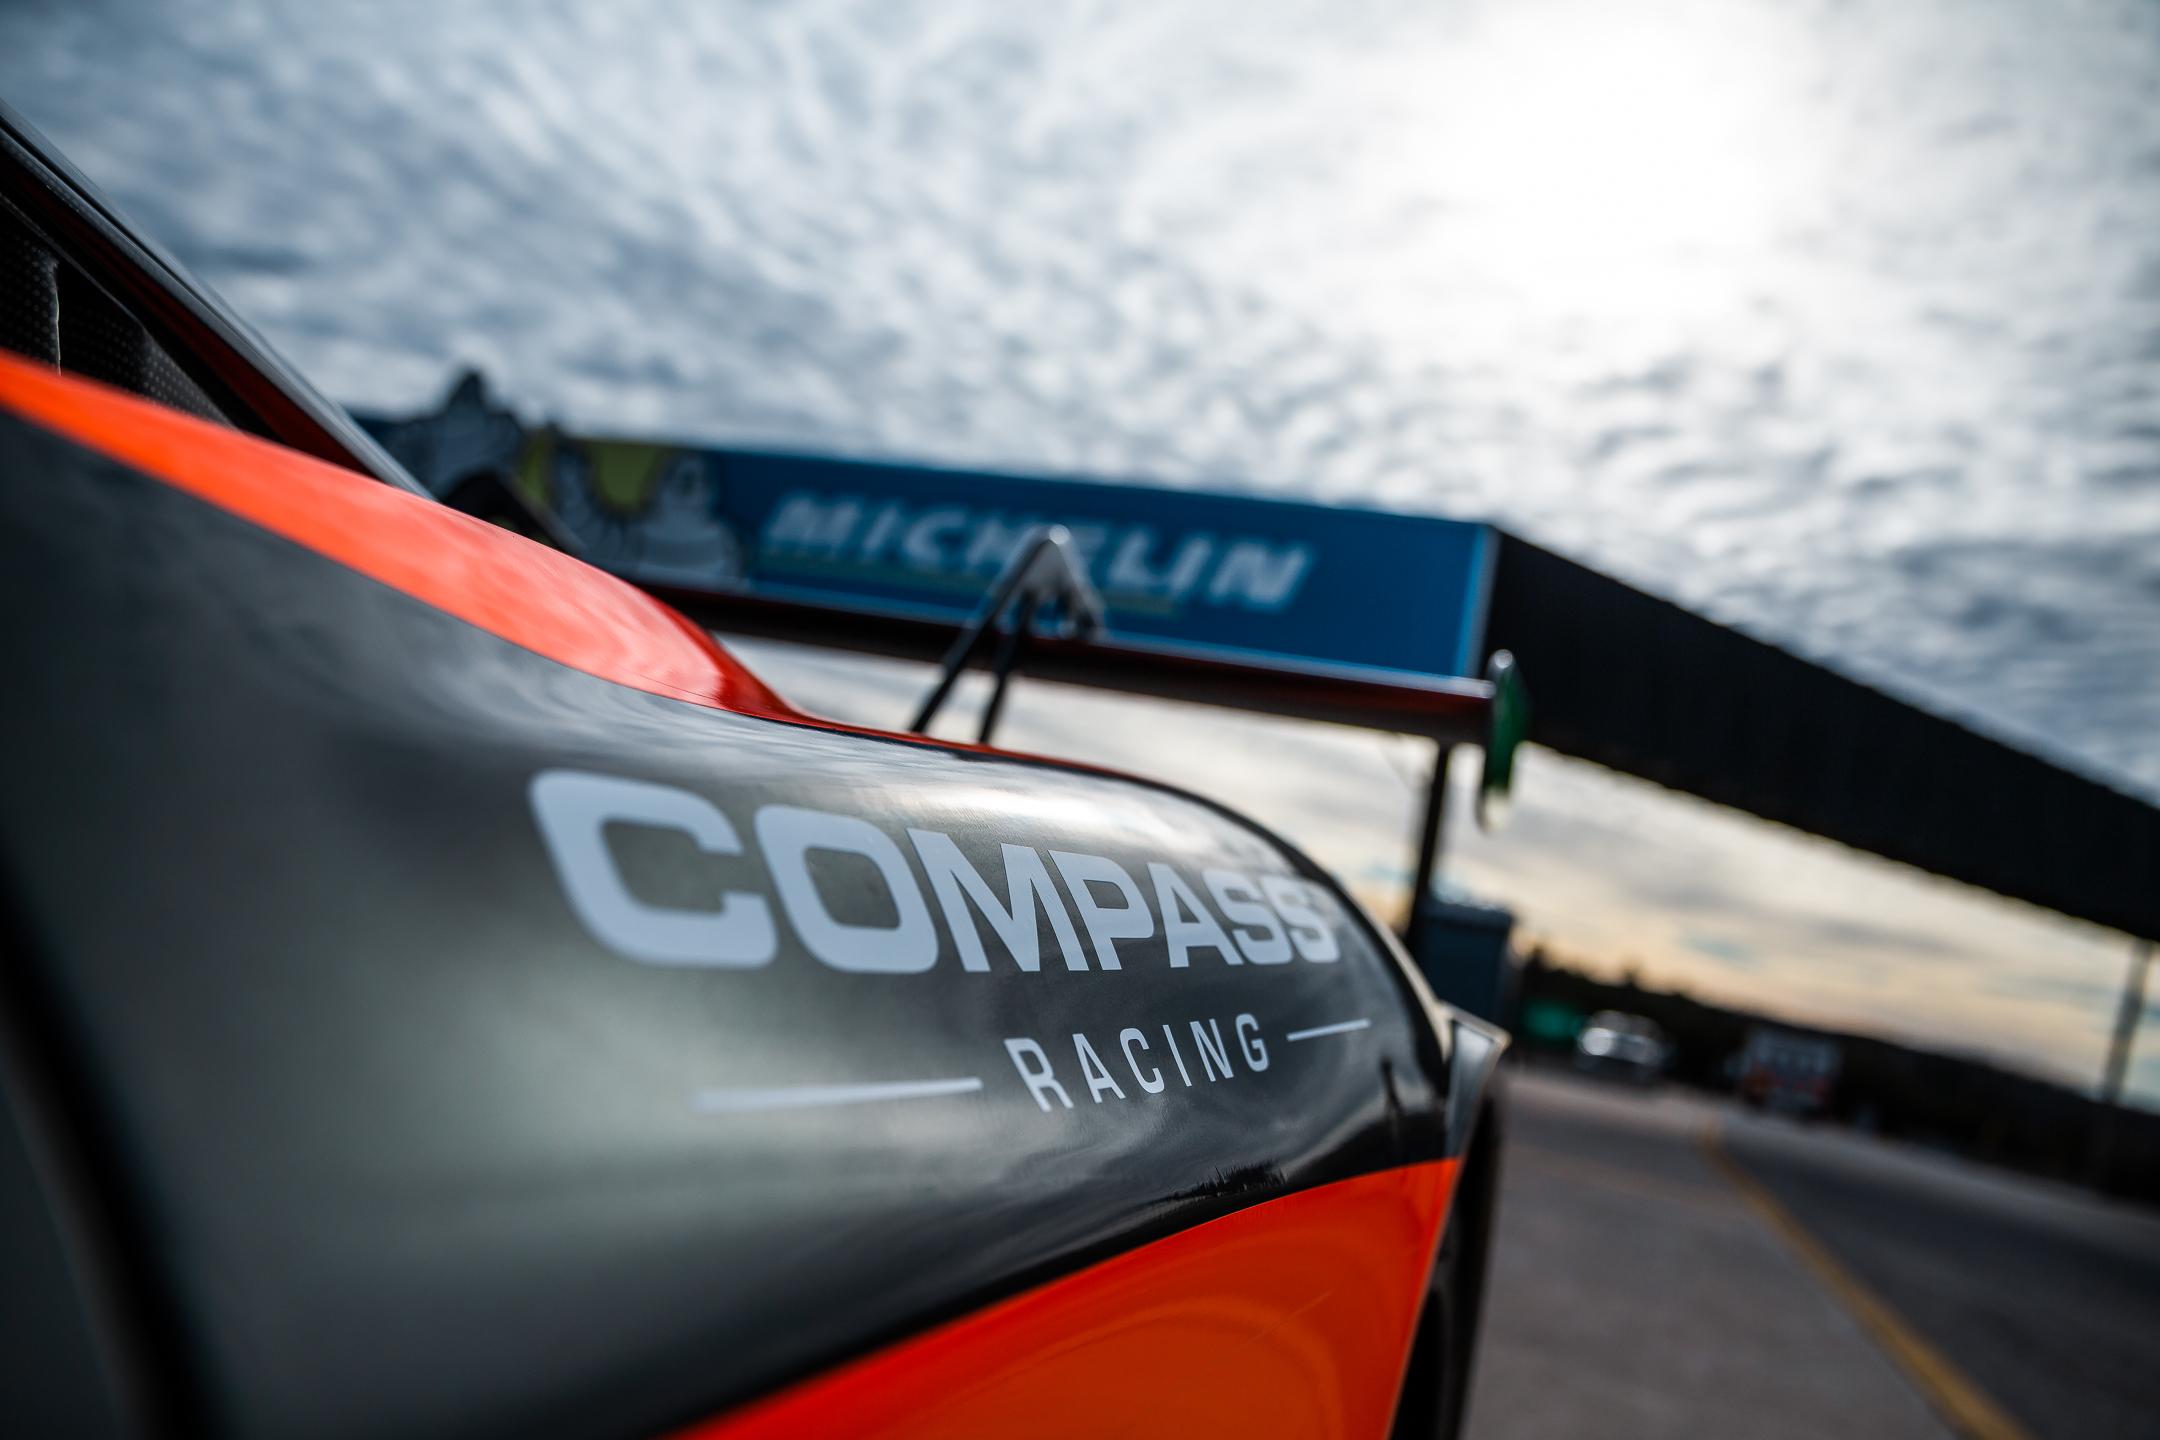 McLaren 720S GT3 - Compass Racing-9970.jpg